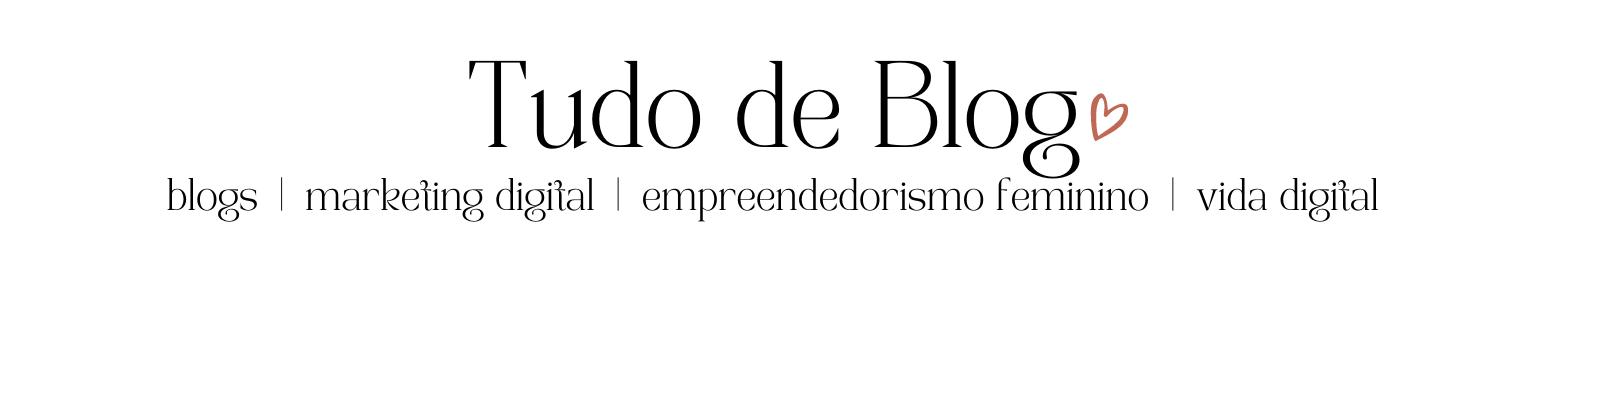 Tudo de Blog